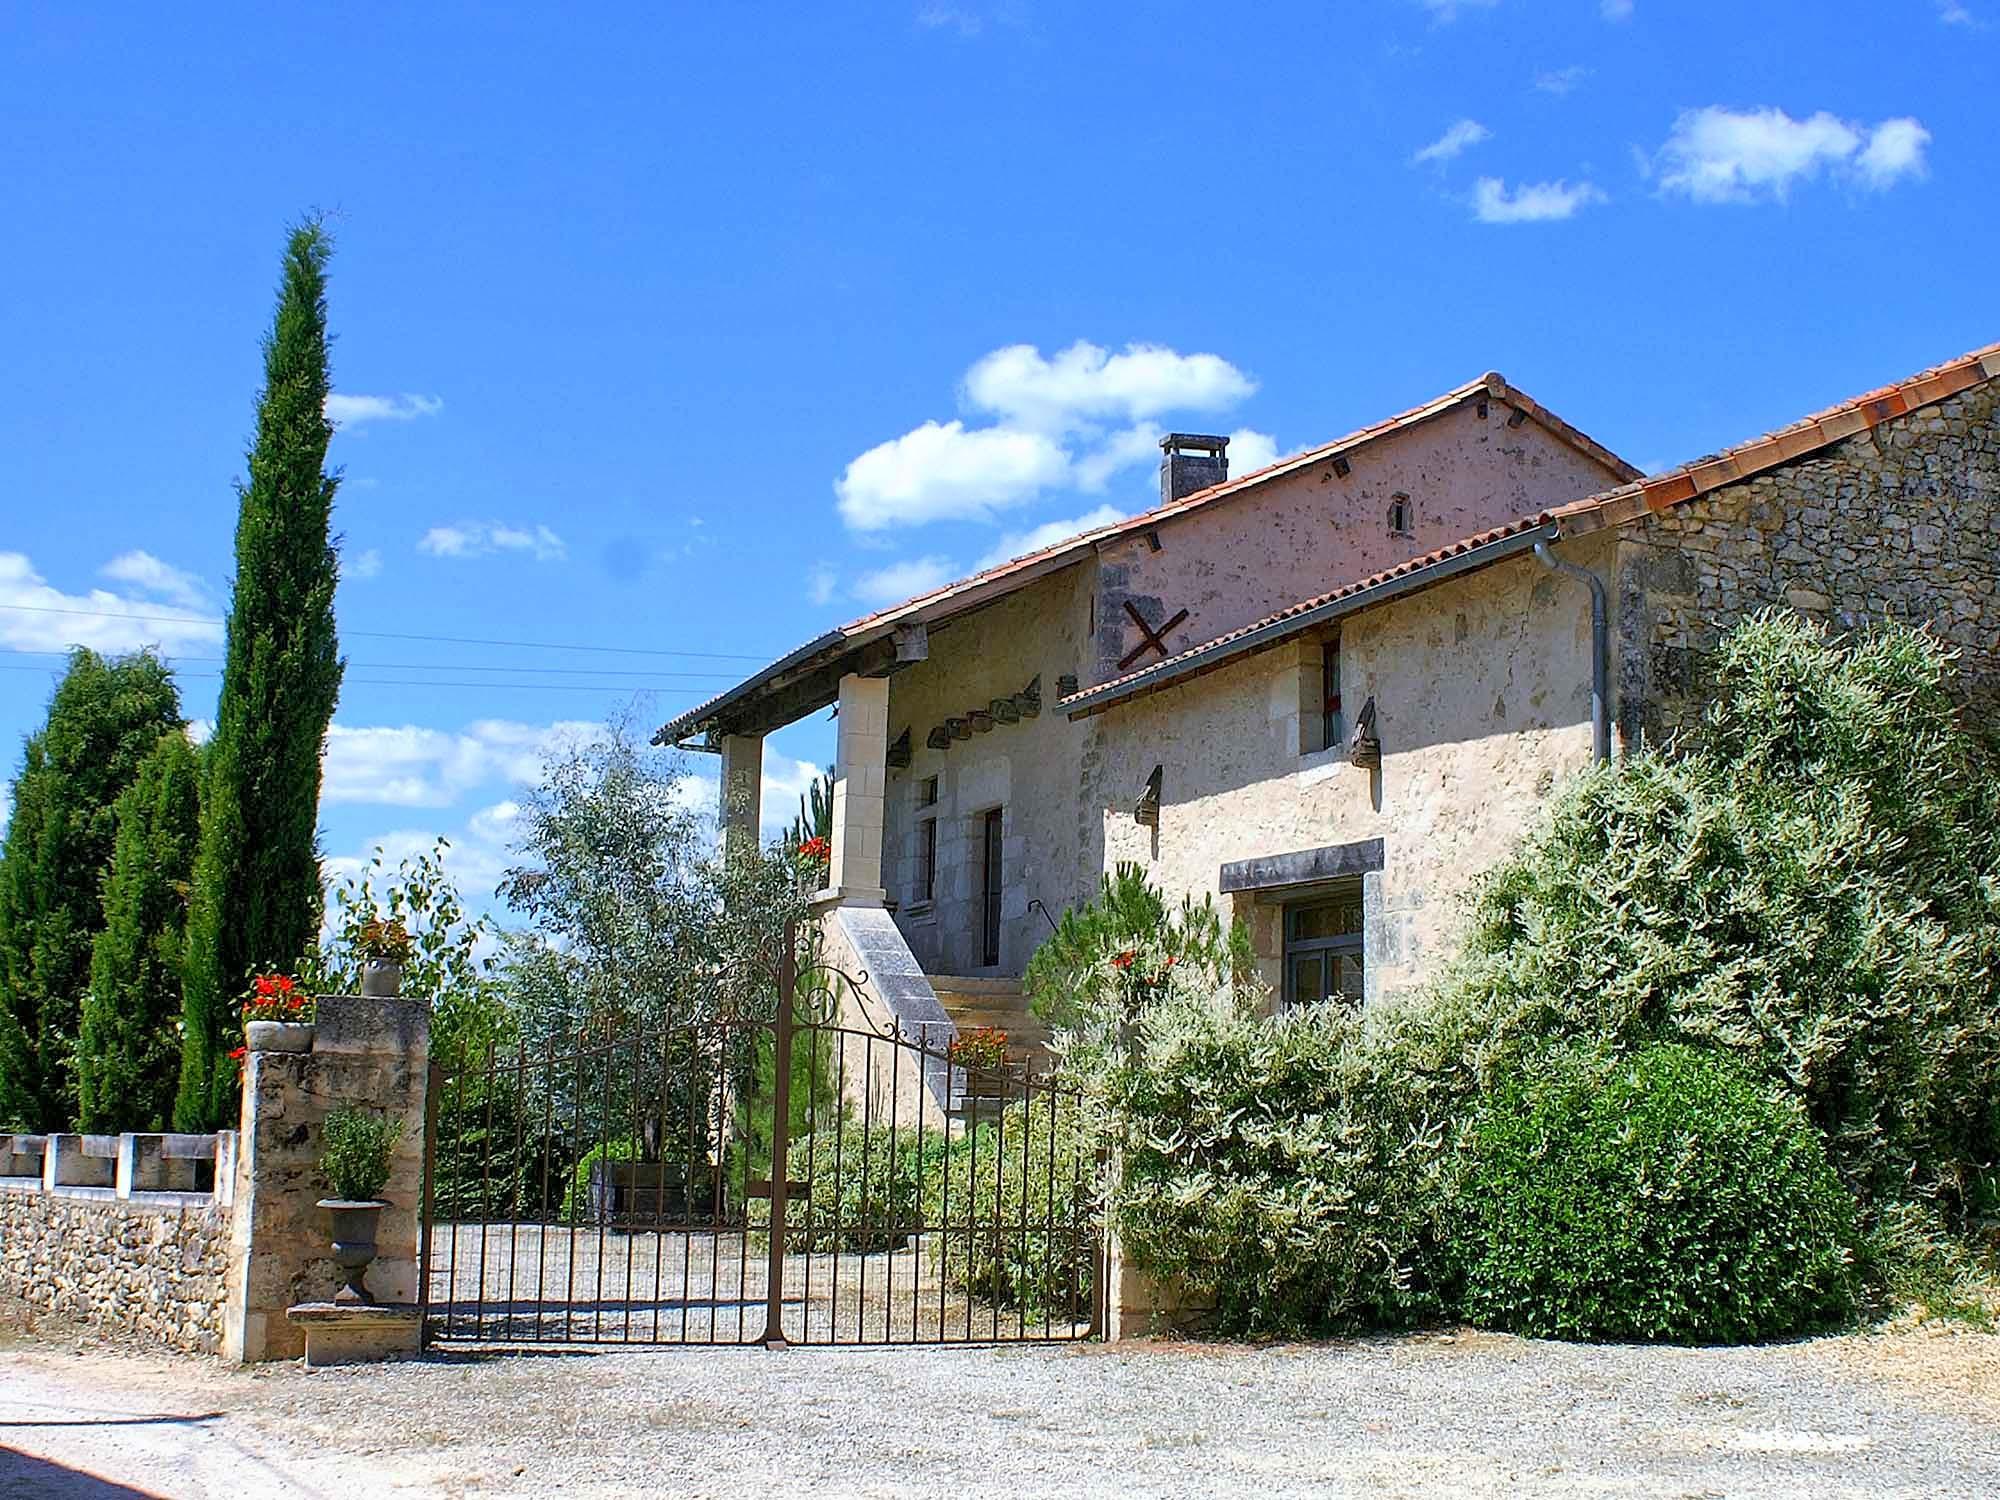 Vakantiehuis in La Chapelle-Faucher met zwembad, in Dordogne-Limousin.